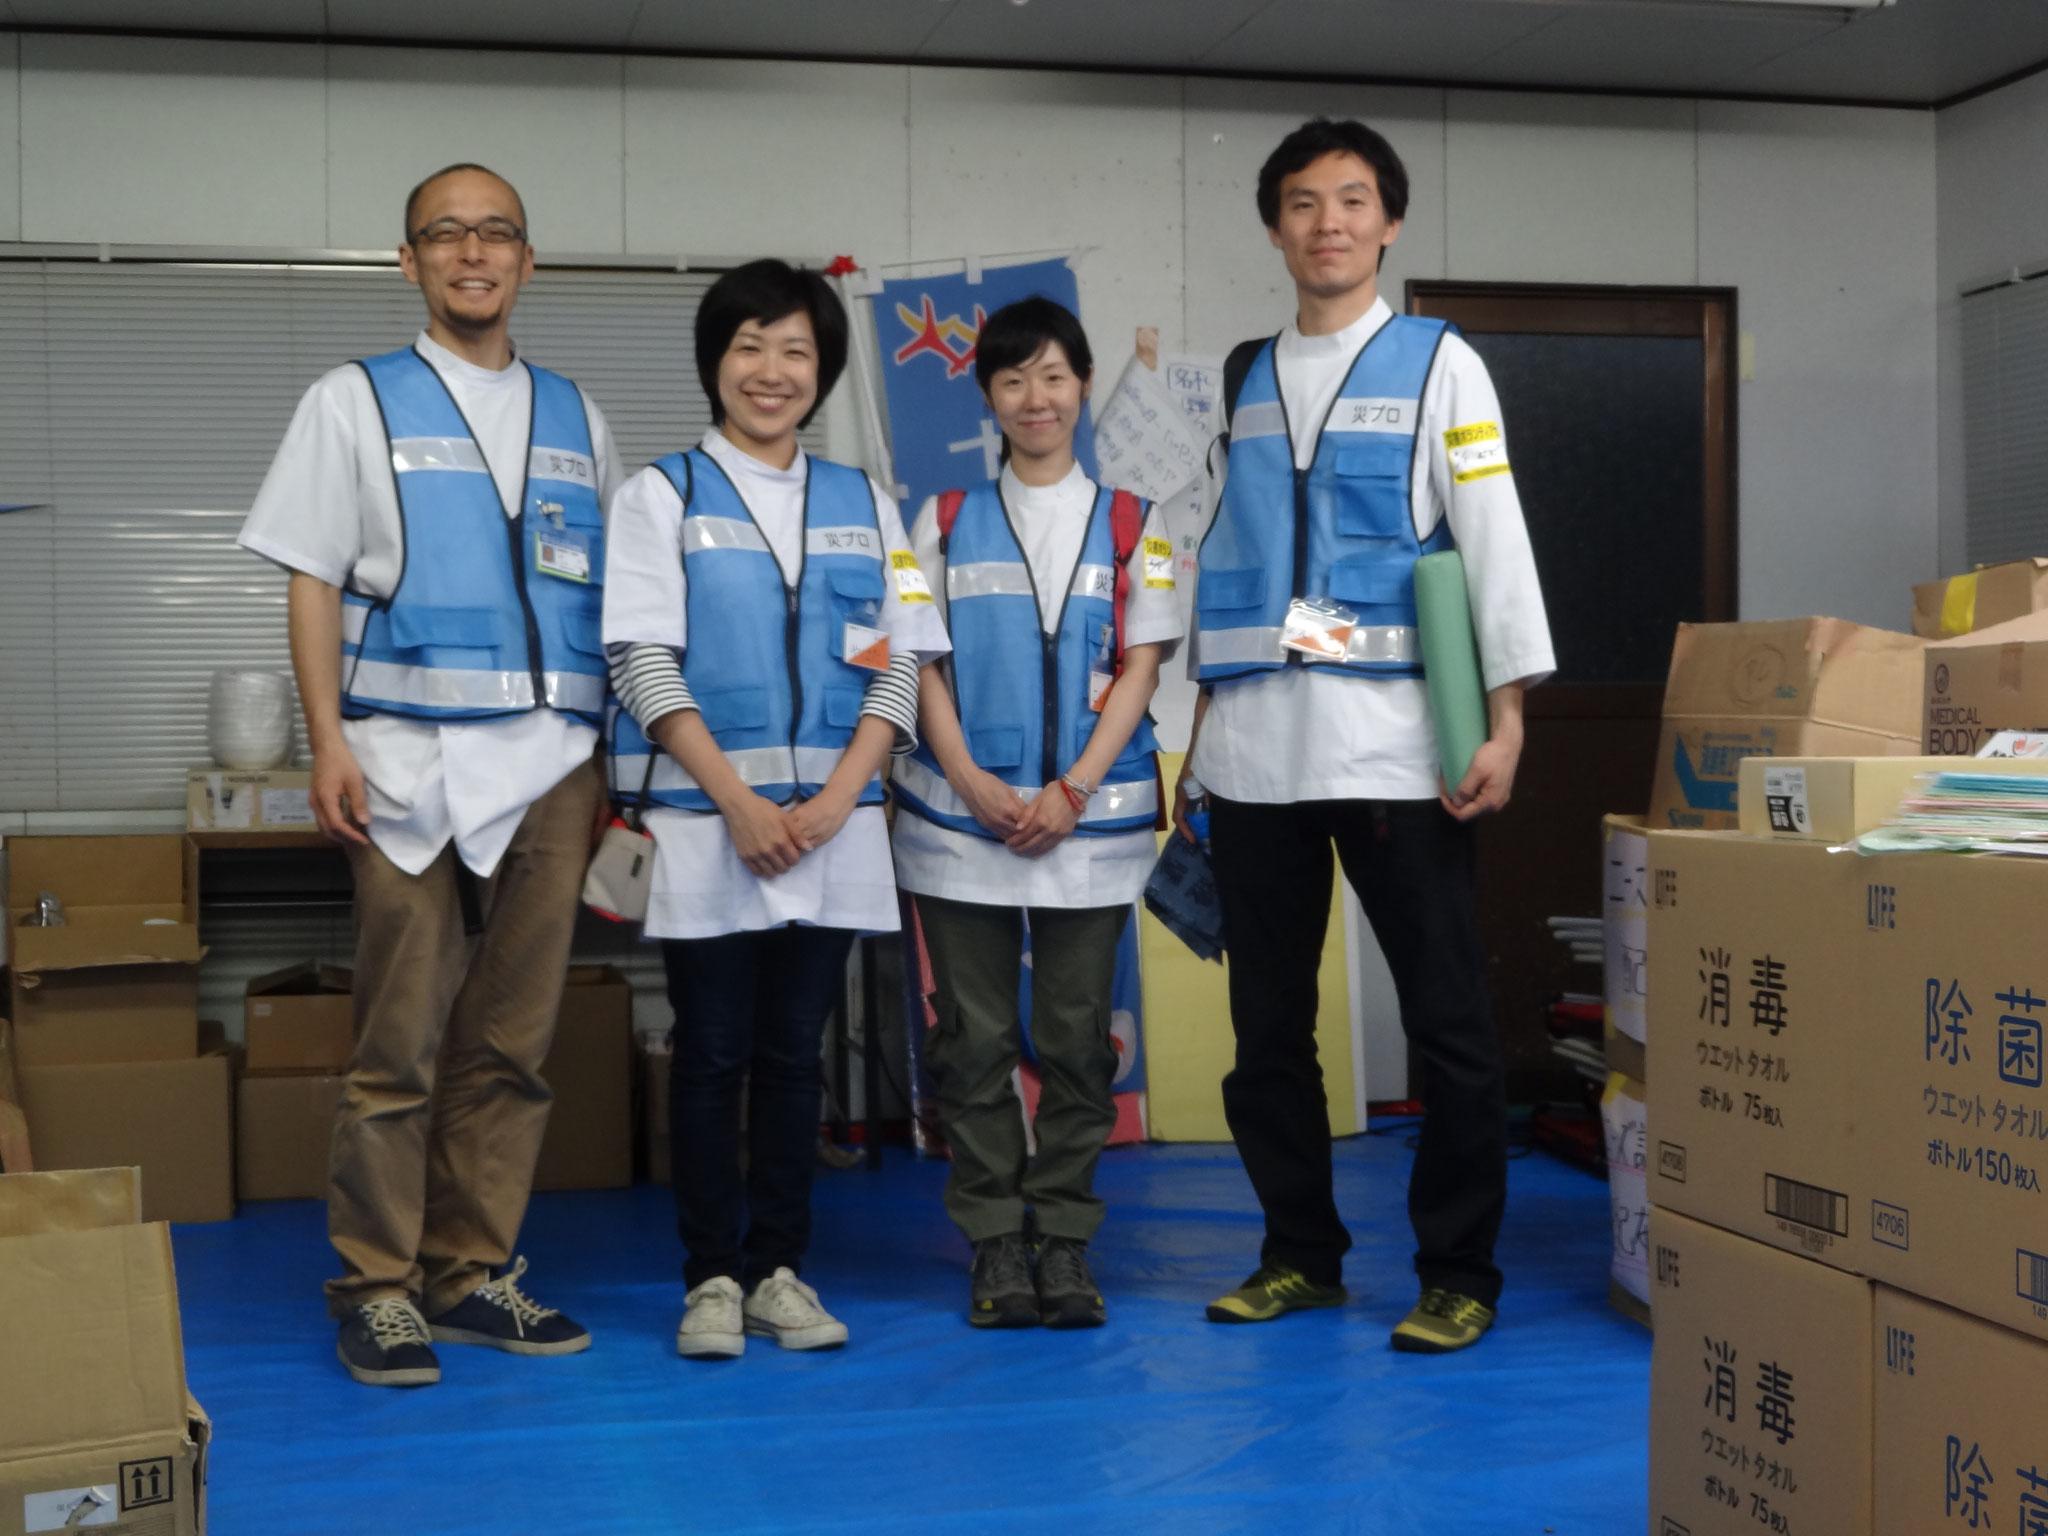 第三次メンバー 左から代表三輪 八幡調整員 小池鍼灸師 前之園鍼灸師